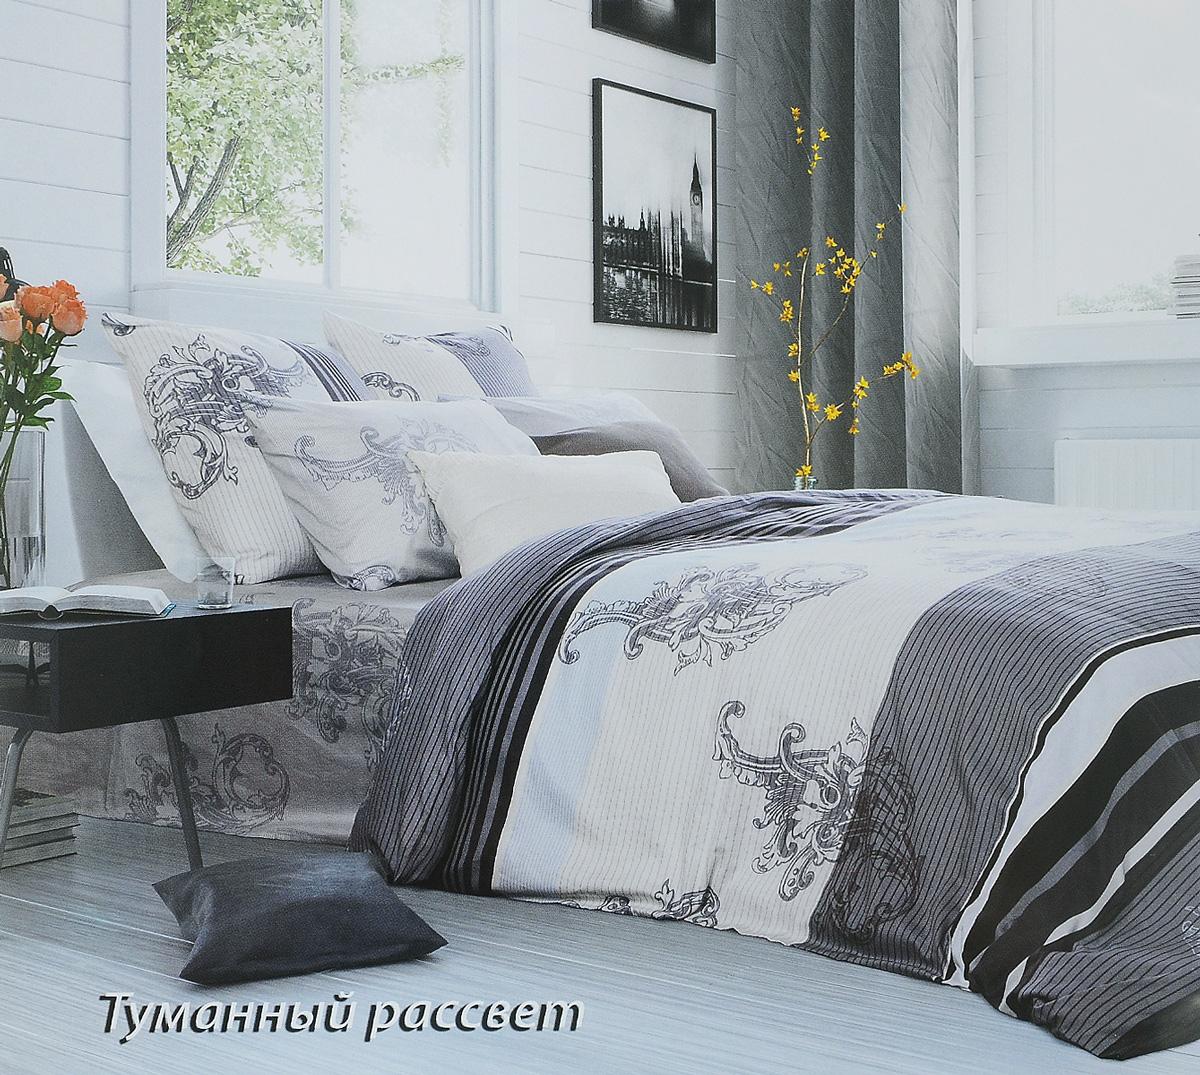 Комплект белья Tiffanys Secret Туманный рассвет, евро, наволочки 70х70, цвет: серый, белыйK100Комплект постельного белья Tiffanys Secret Туманный рассвет является экологически безопасным для всей семьи, так как выполнен из сатина (100% хлопок). Комплект состоит из пододеяльника, простыни и двух наволочек. Предметы комплекта оформлены оригинальным рисунком.Благодаря такому комплекту постельного белья вы сможете создать атмосферу уюта и комфорта в вашей спальне.Сатин - это ткань, навсегда покорившая сердца человечества. Ценившие роскошь персы называли ее атлас, а искушенные в прекрасном французы - сатин. Секрет высококачественного сатина в безупречности всего технологического процесса. Эту благородную ткань делают только из отборной натуральной пряжи, которую получают из самого лучшего тонковолокнистого хлопка. Благодаря использованию самой тонкой хлопковой нити получается необычайно мягкое и нежное полотно. Сатиновое постельное белье превращает жаркие летние ночи в прохладные и освежающие, а холодные зимние - в теплые и согревающие. Сатин очень приятен на ощупь, постельное белье из него долговечно, выдерживает более 300 стирок, и лишь спустя долгое время материал начинает немного тускнеть. Оцените все достоинства постельного белья из сатина, выбирая самое лучшее для себя!